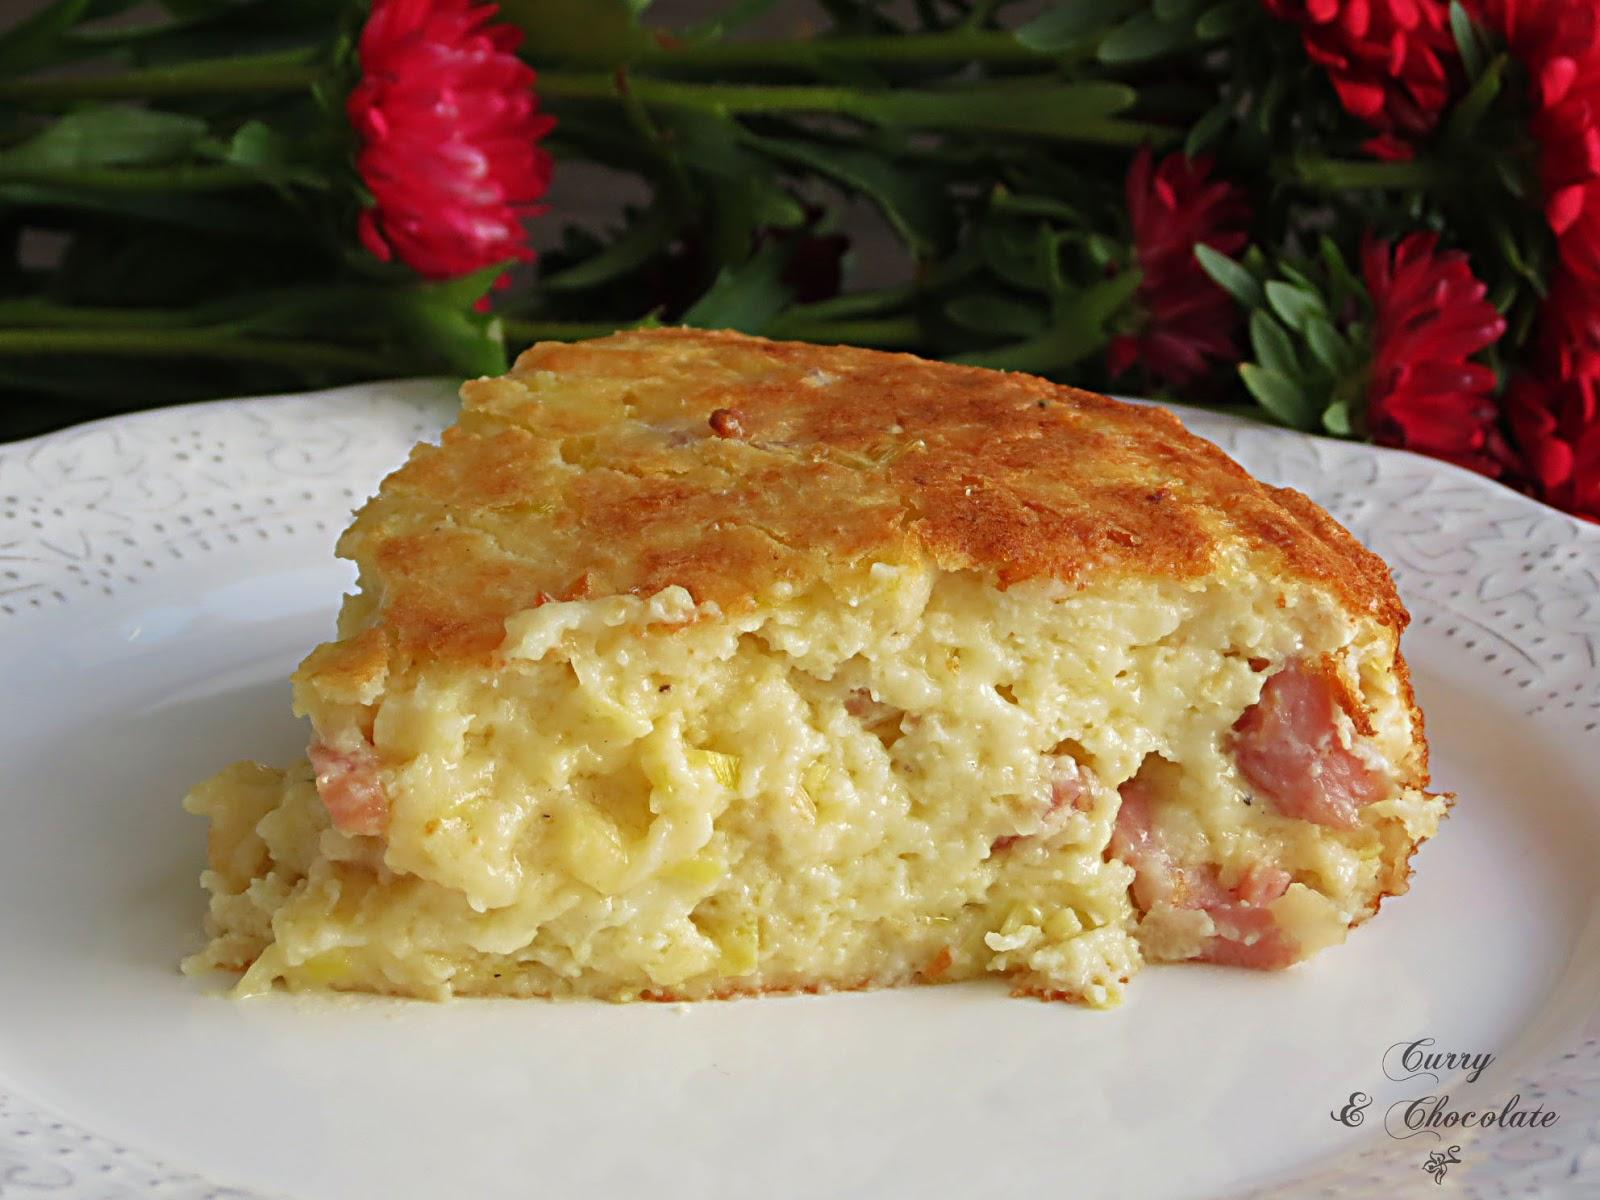 Pastel salado de queso viejo, puerro y bacon – Salty cake with cheese, leek and bacon